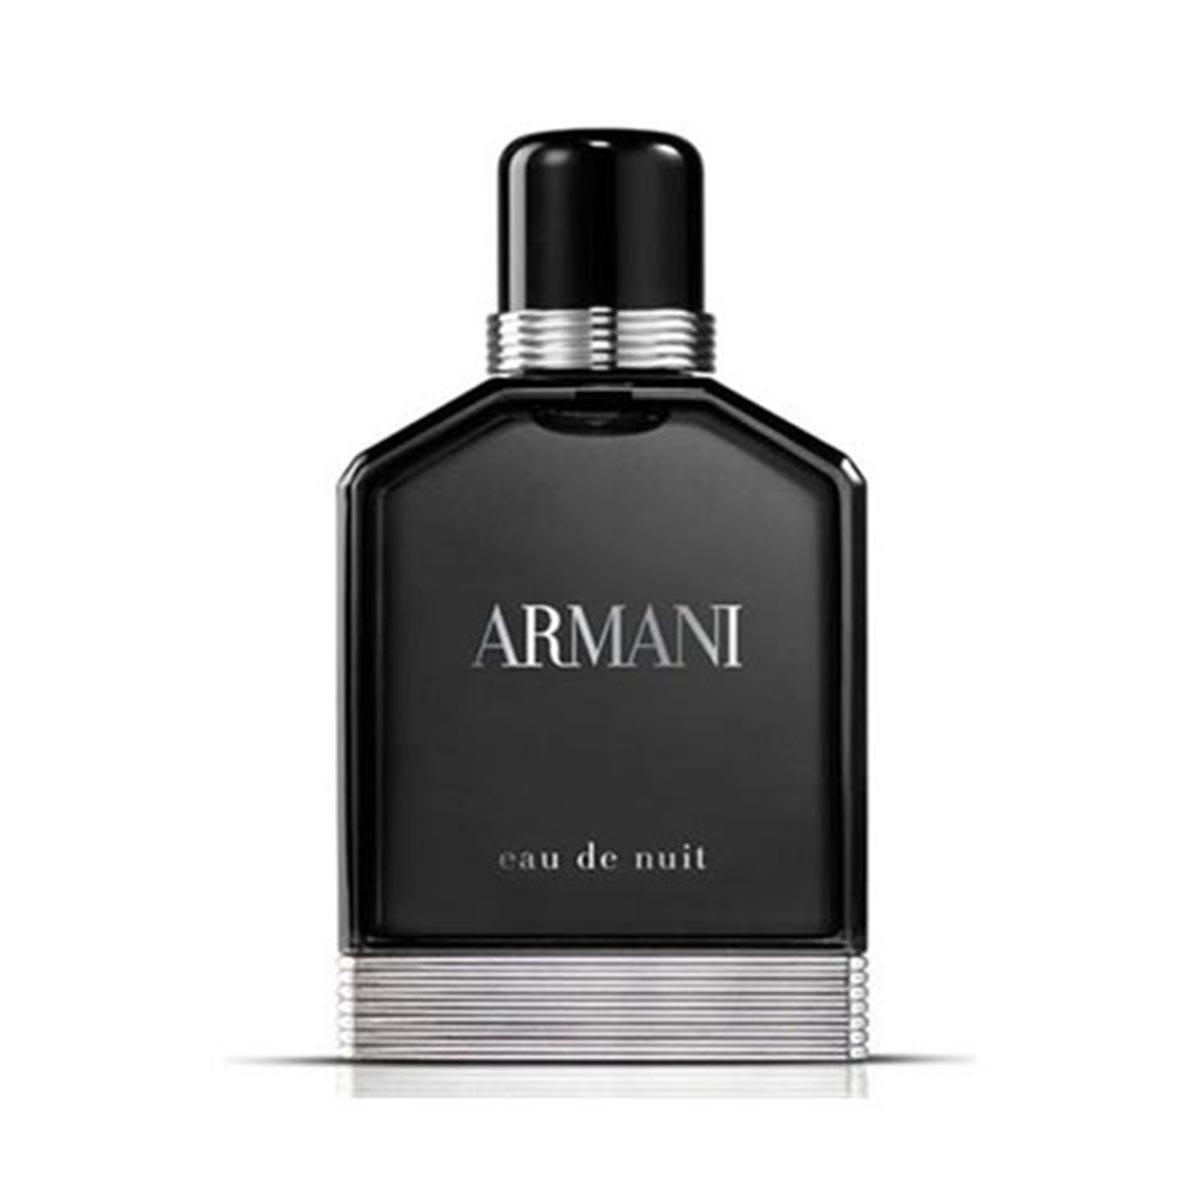 Giorgio armani pour homme eau nuit eau de toilette 100ml vaporizador